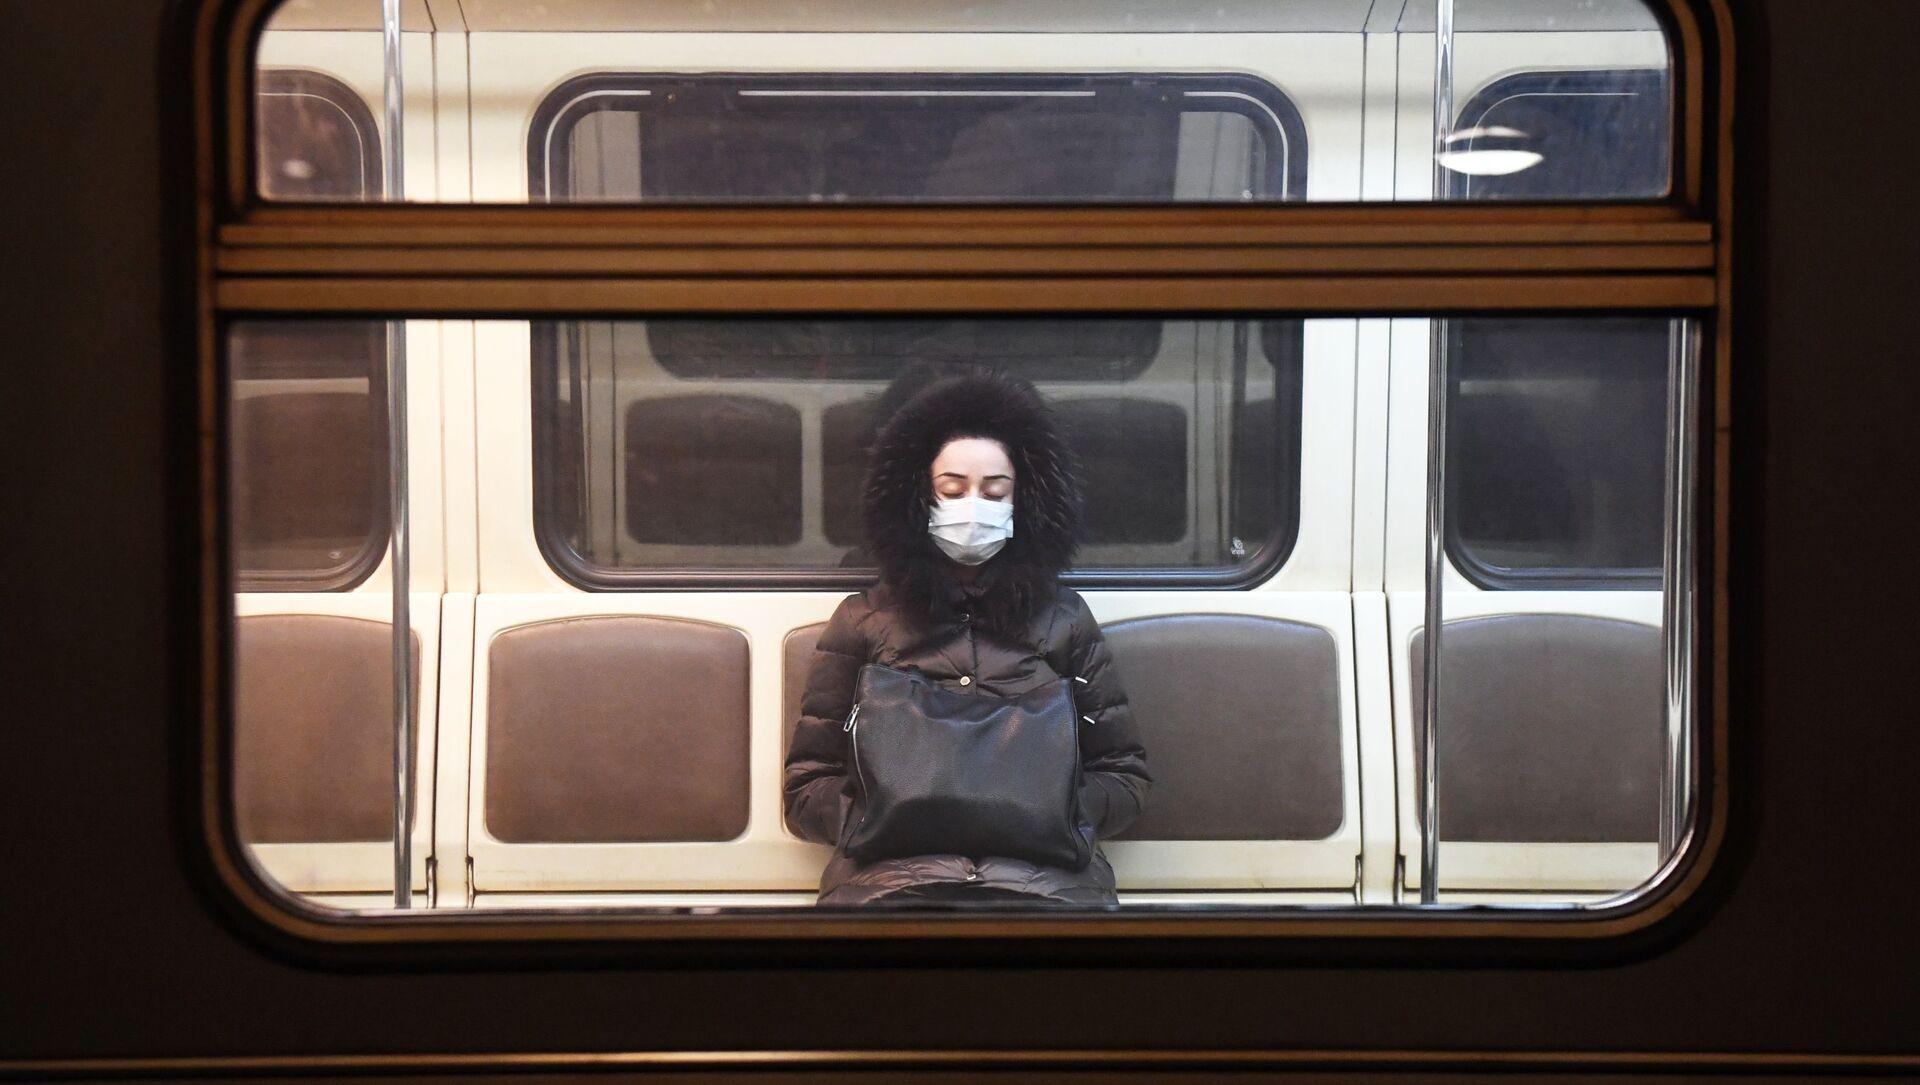 Девушка в вагоне метрополитена, фото из ахива - Sputnik Азербайджан, 1920, 02.08.2021